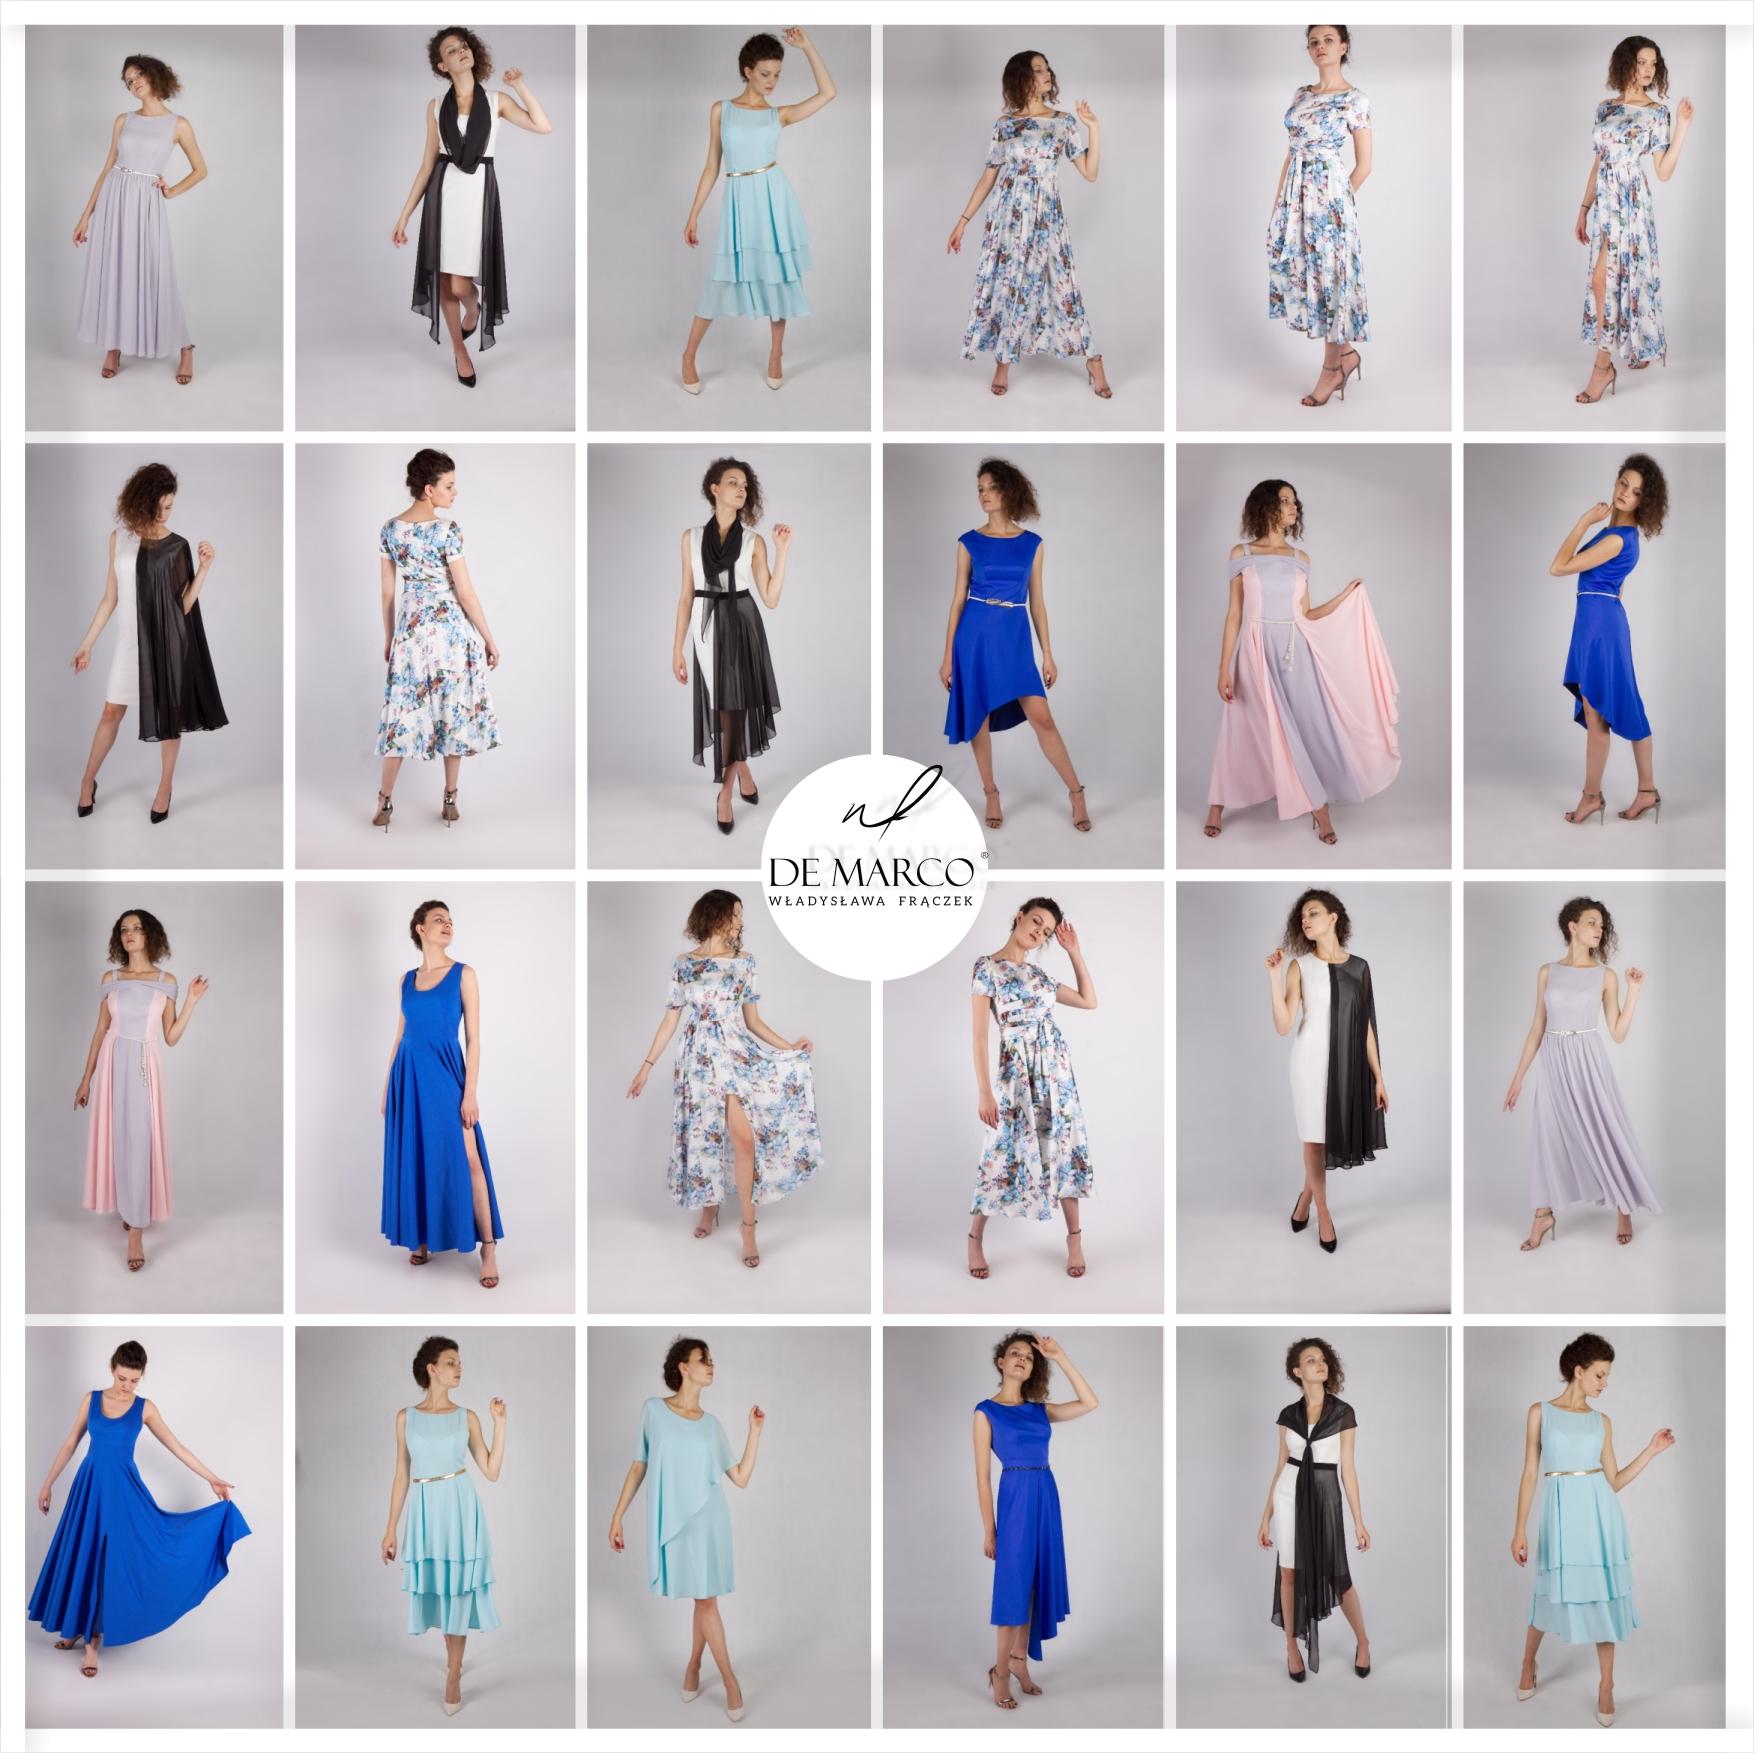 eleganckie sukienki De Marco. sklep internetowy